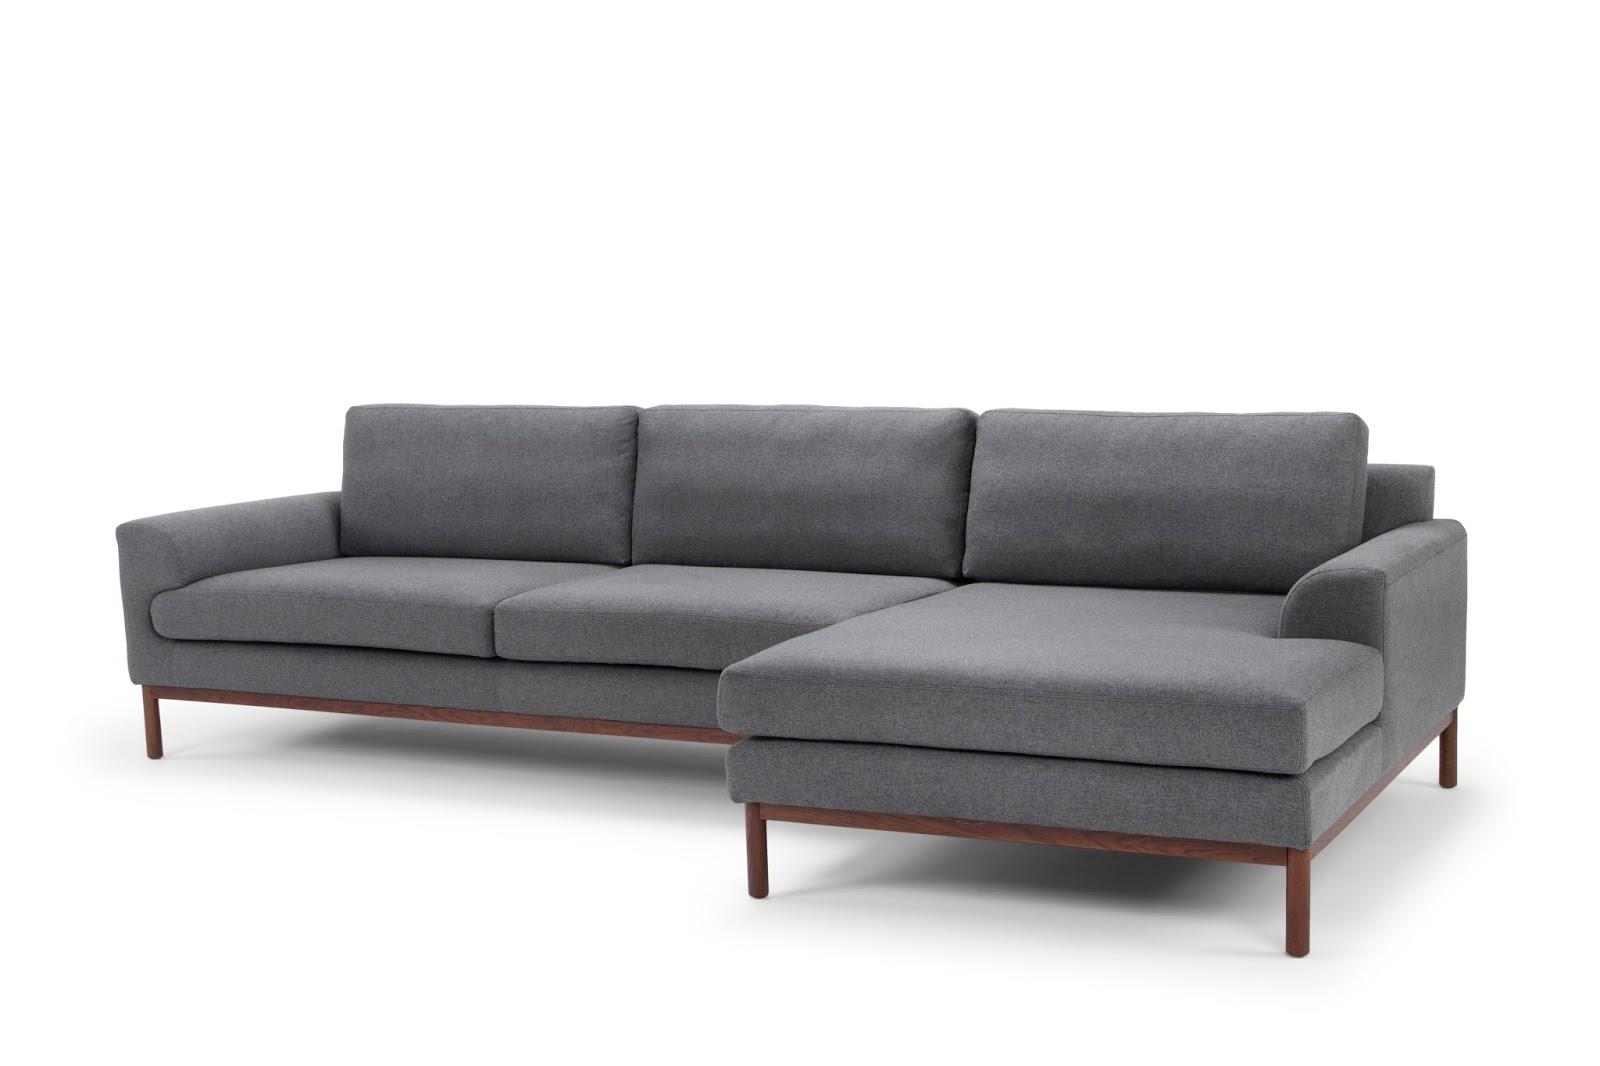 Dane decor for Dane design furniture